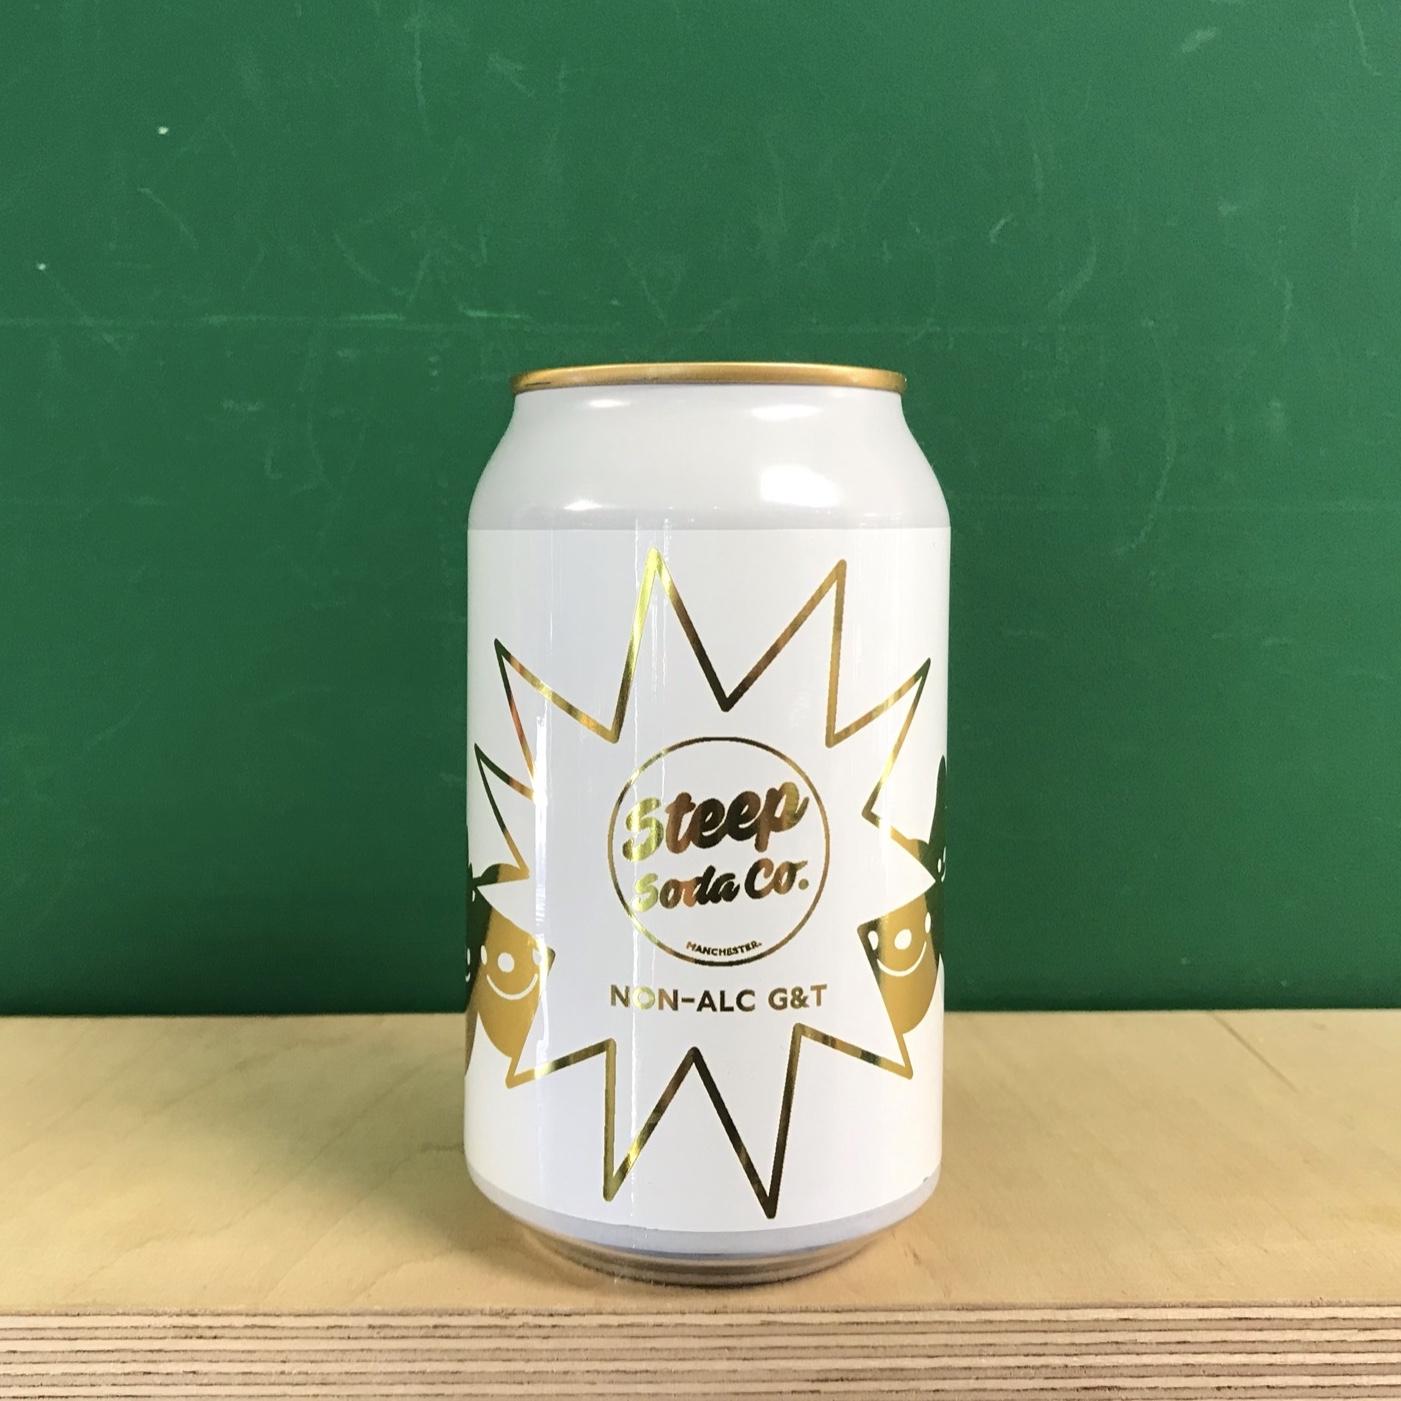 Steep Soda Co Non-Alcoholic Gin & Tonic